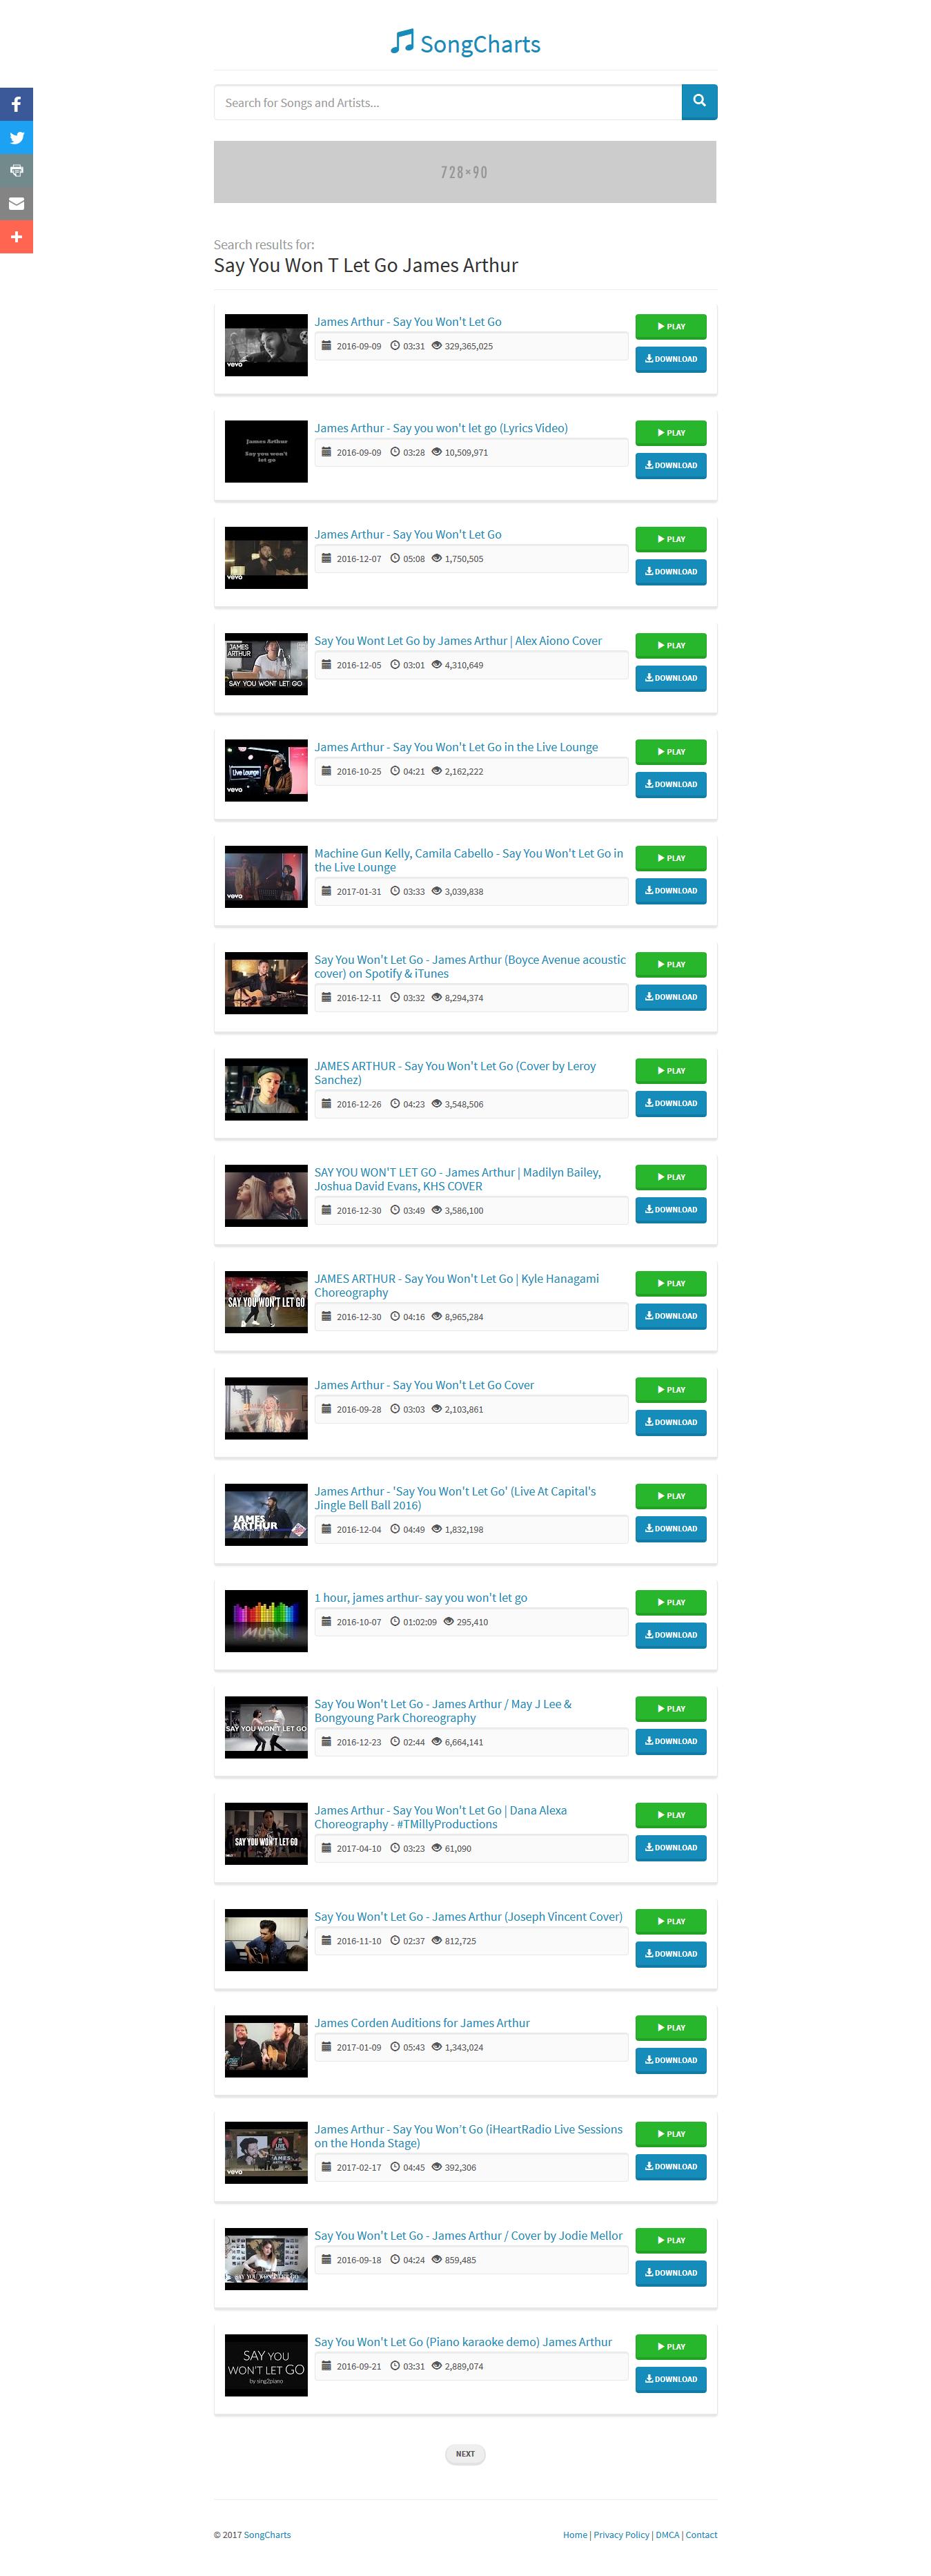 PHP自动索引音乐排行榜/音乐搜索下载引擎源码插图7